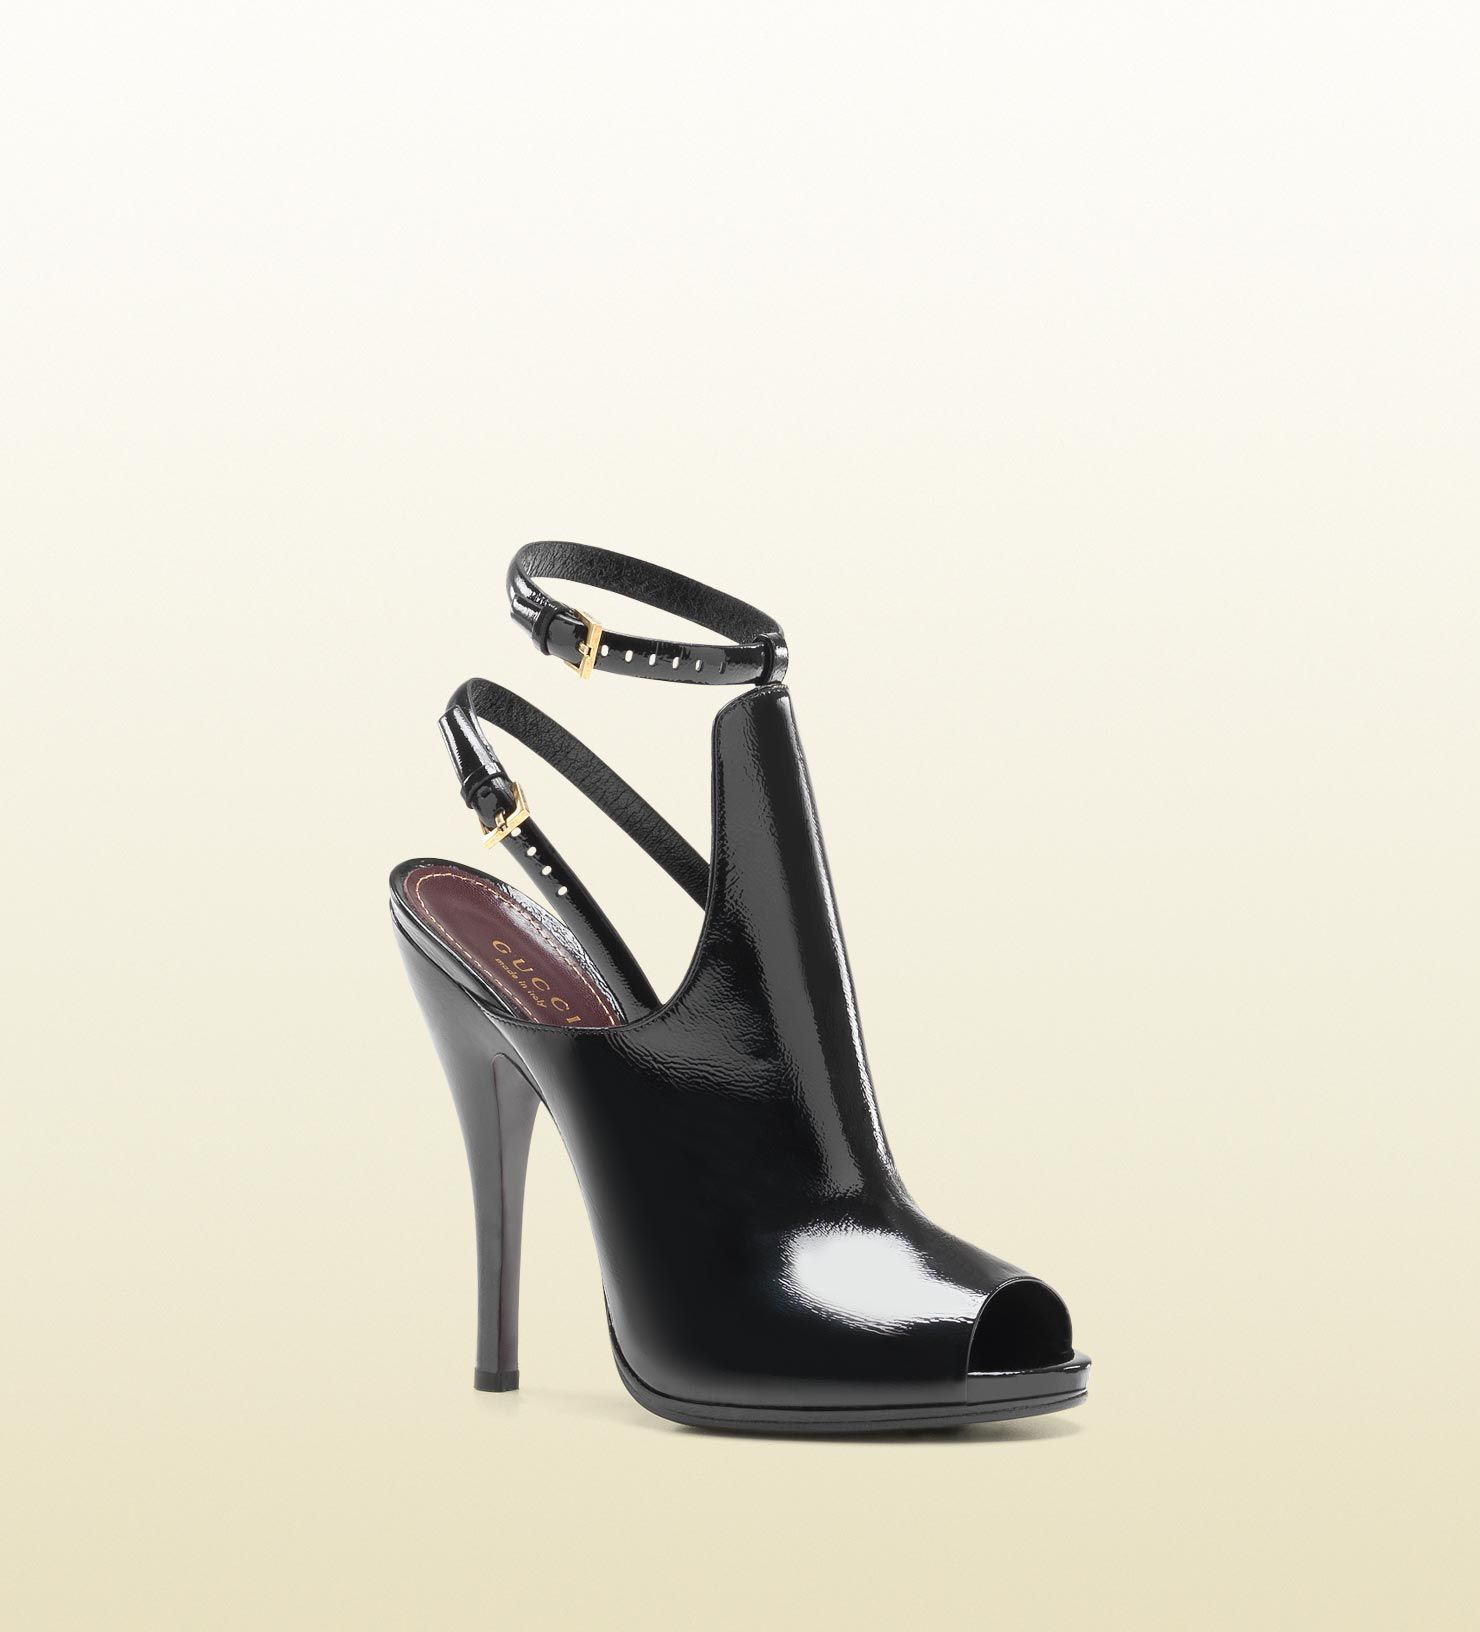 Gucci - bottines à talons hauts et bout ouvert jane Automne-Hiver 2012 70b695b2c3f